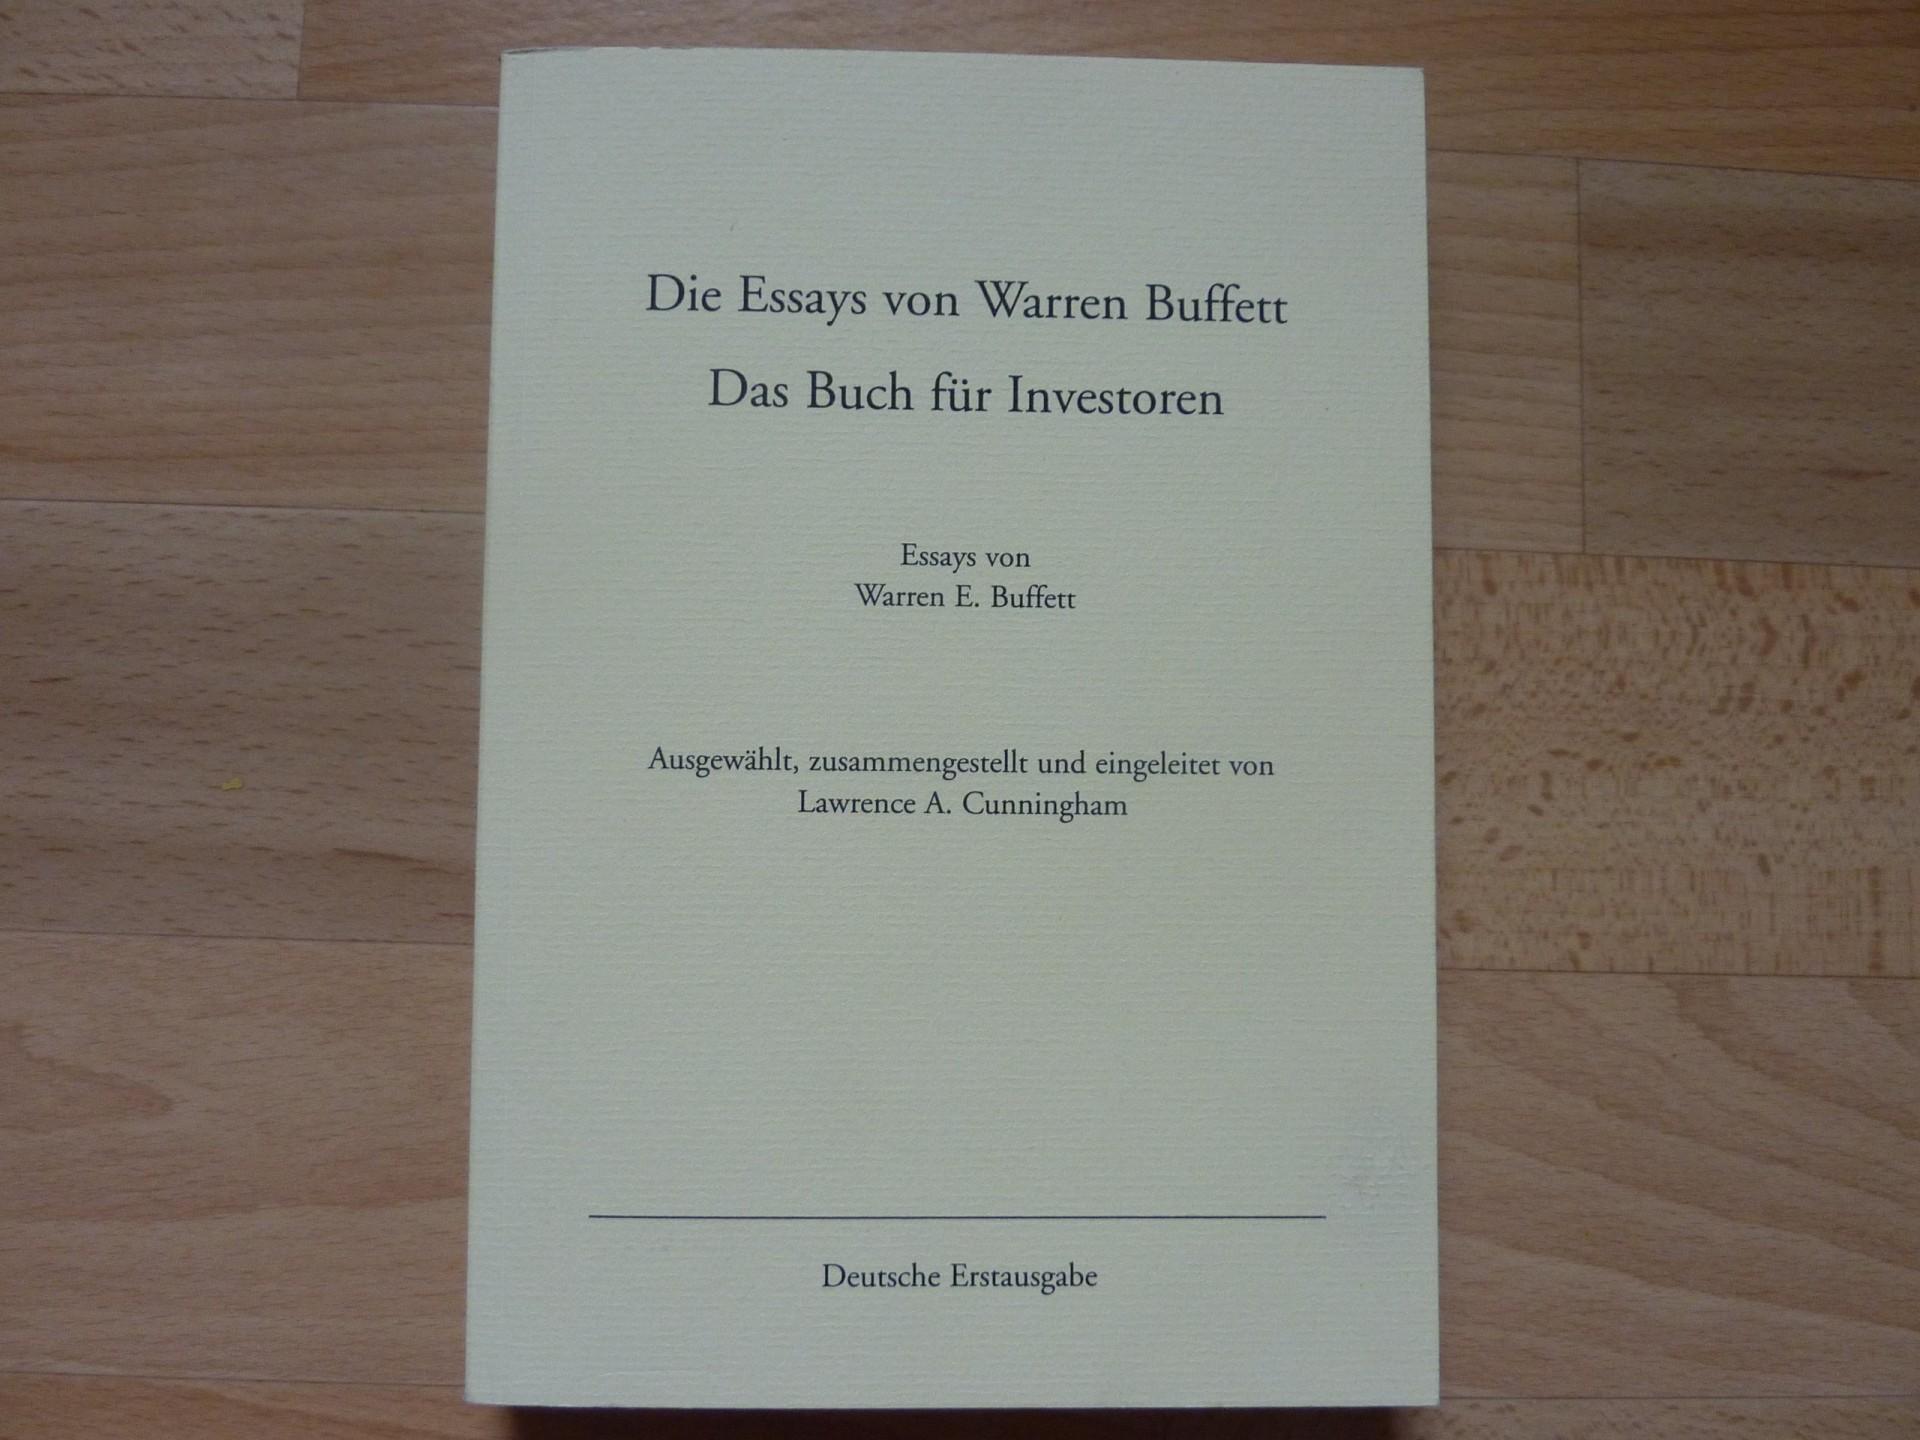 010 9152otplypl Essay Example Die Essays Von Warren Archaicawful Buffett Pdf 1920